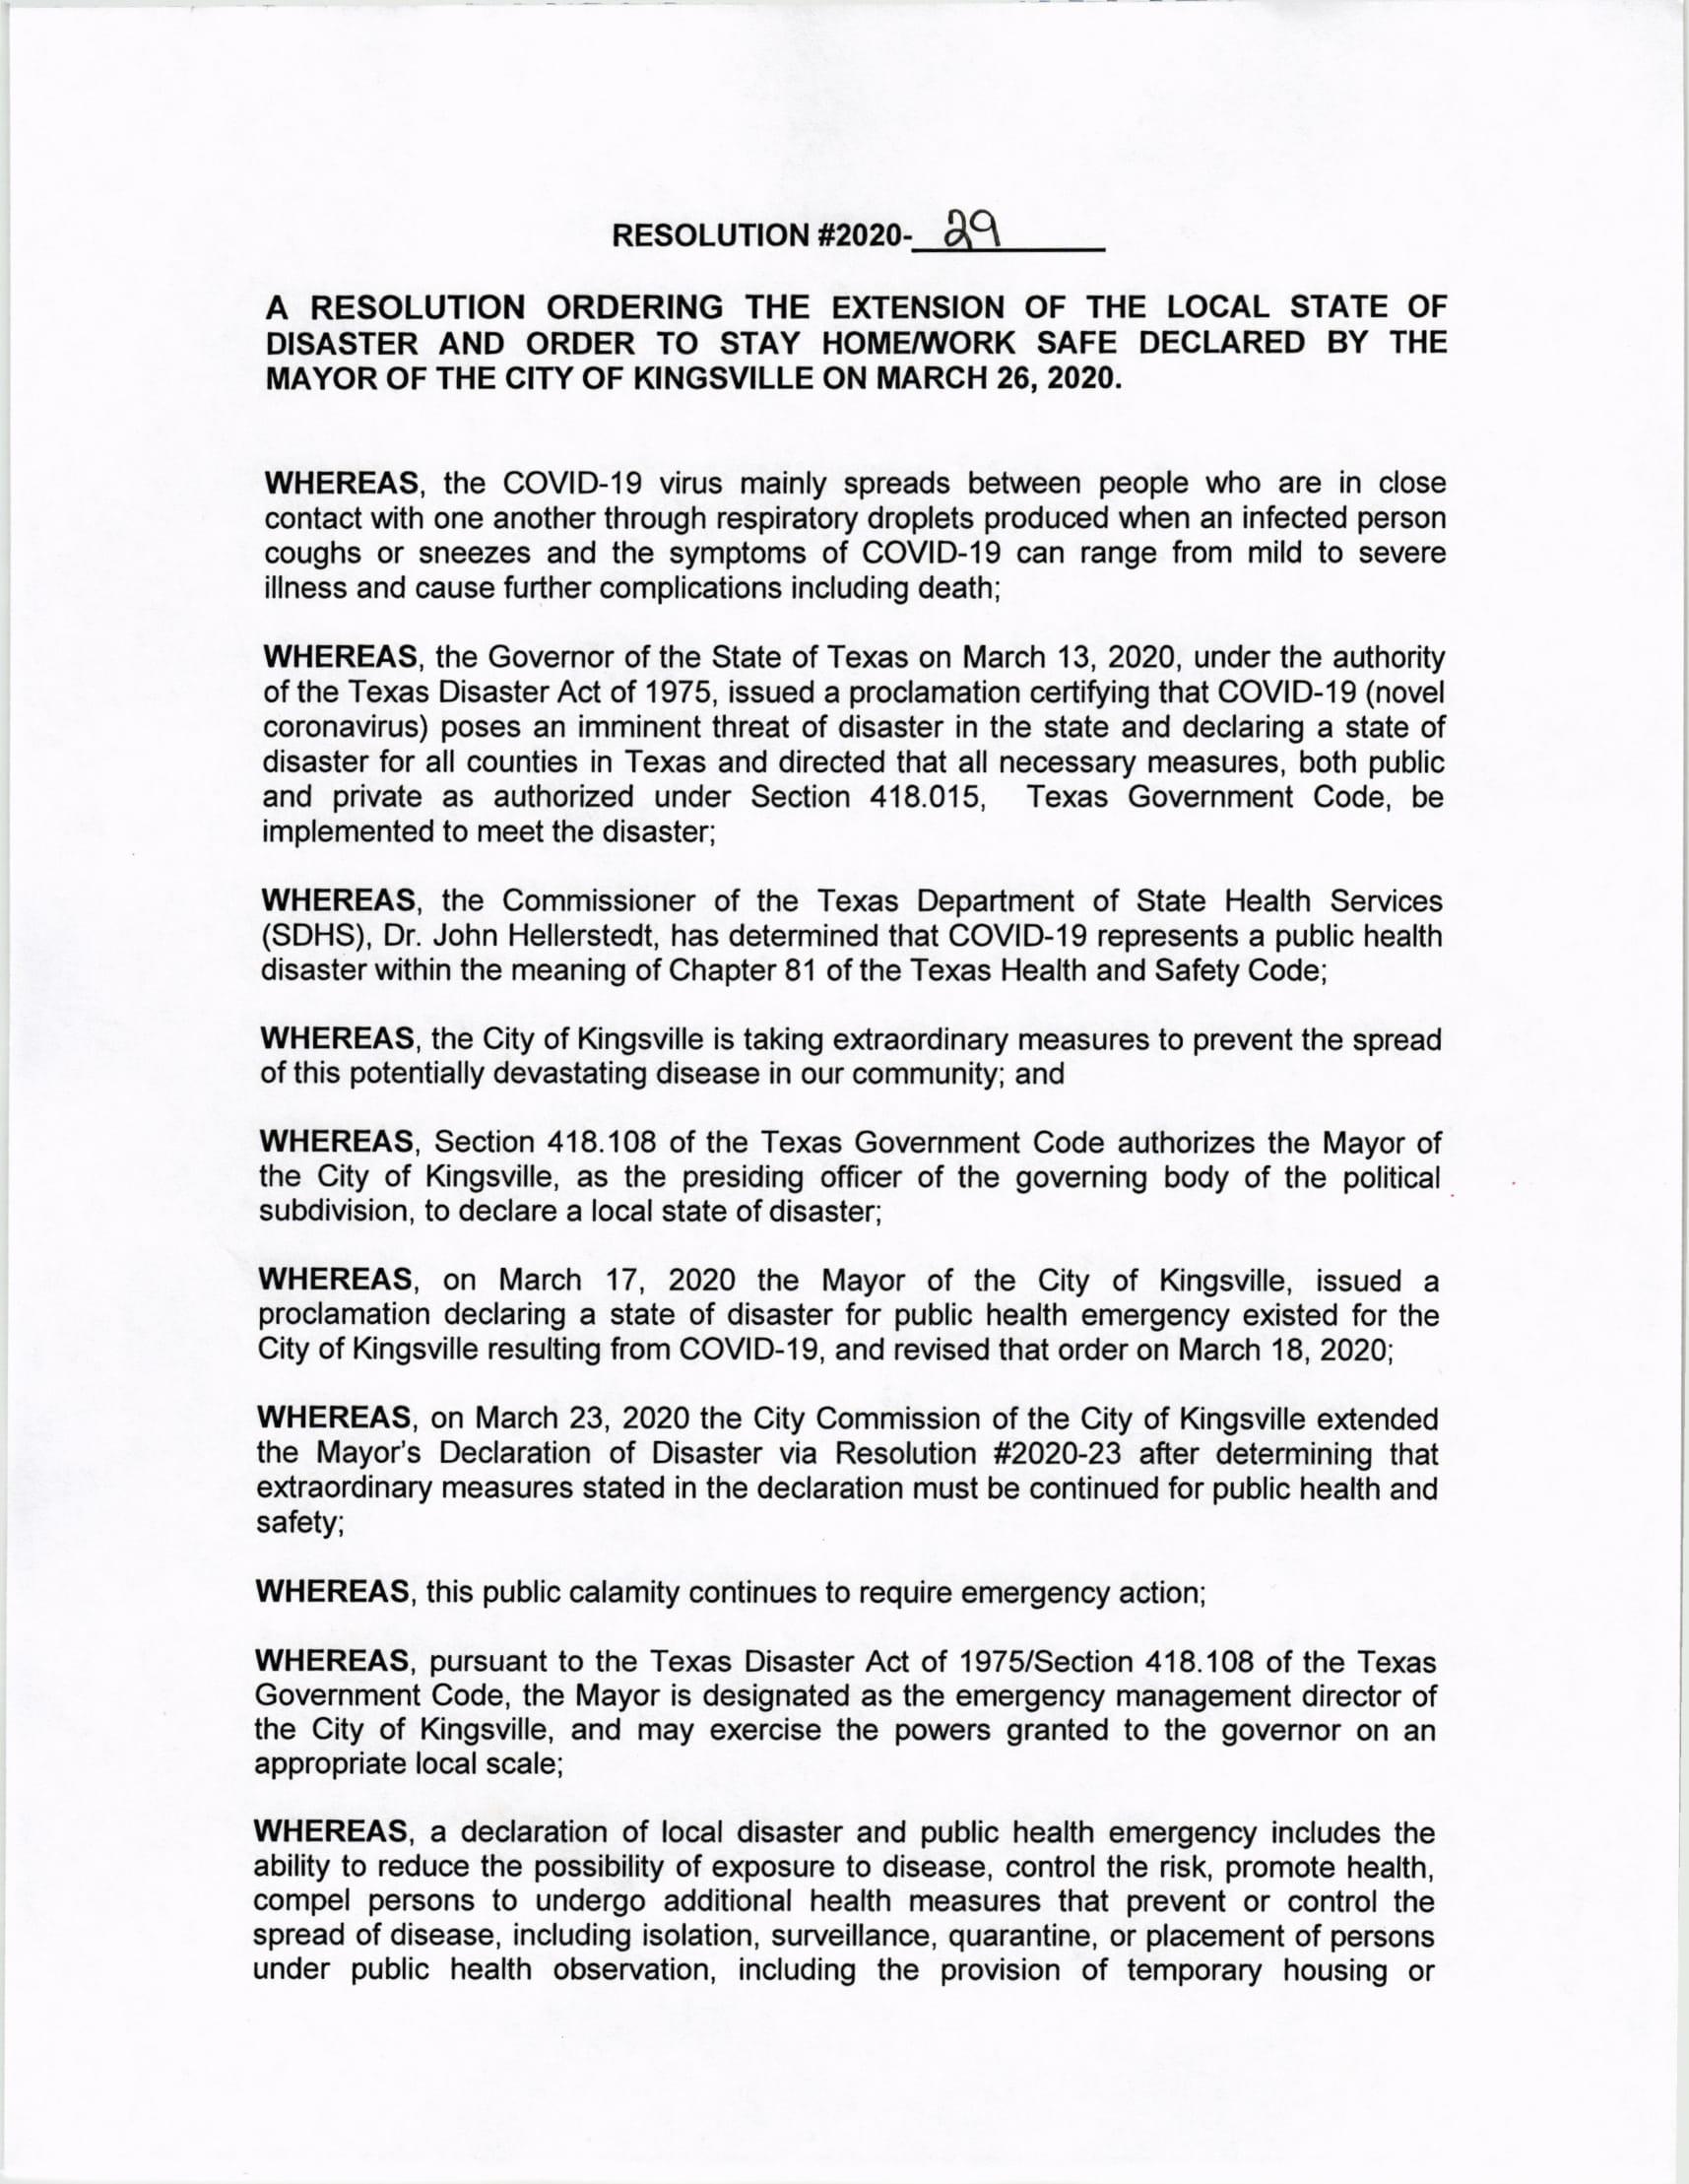 Resolution 2020-29-01